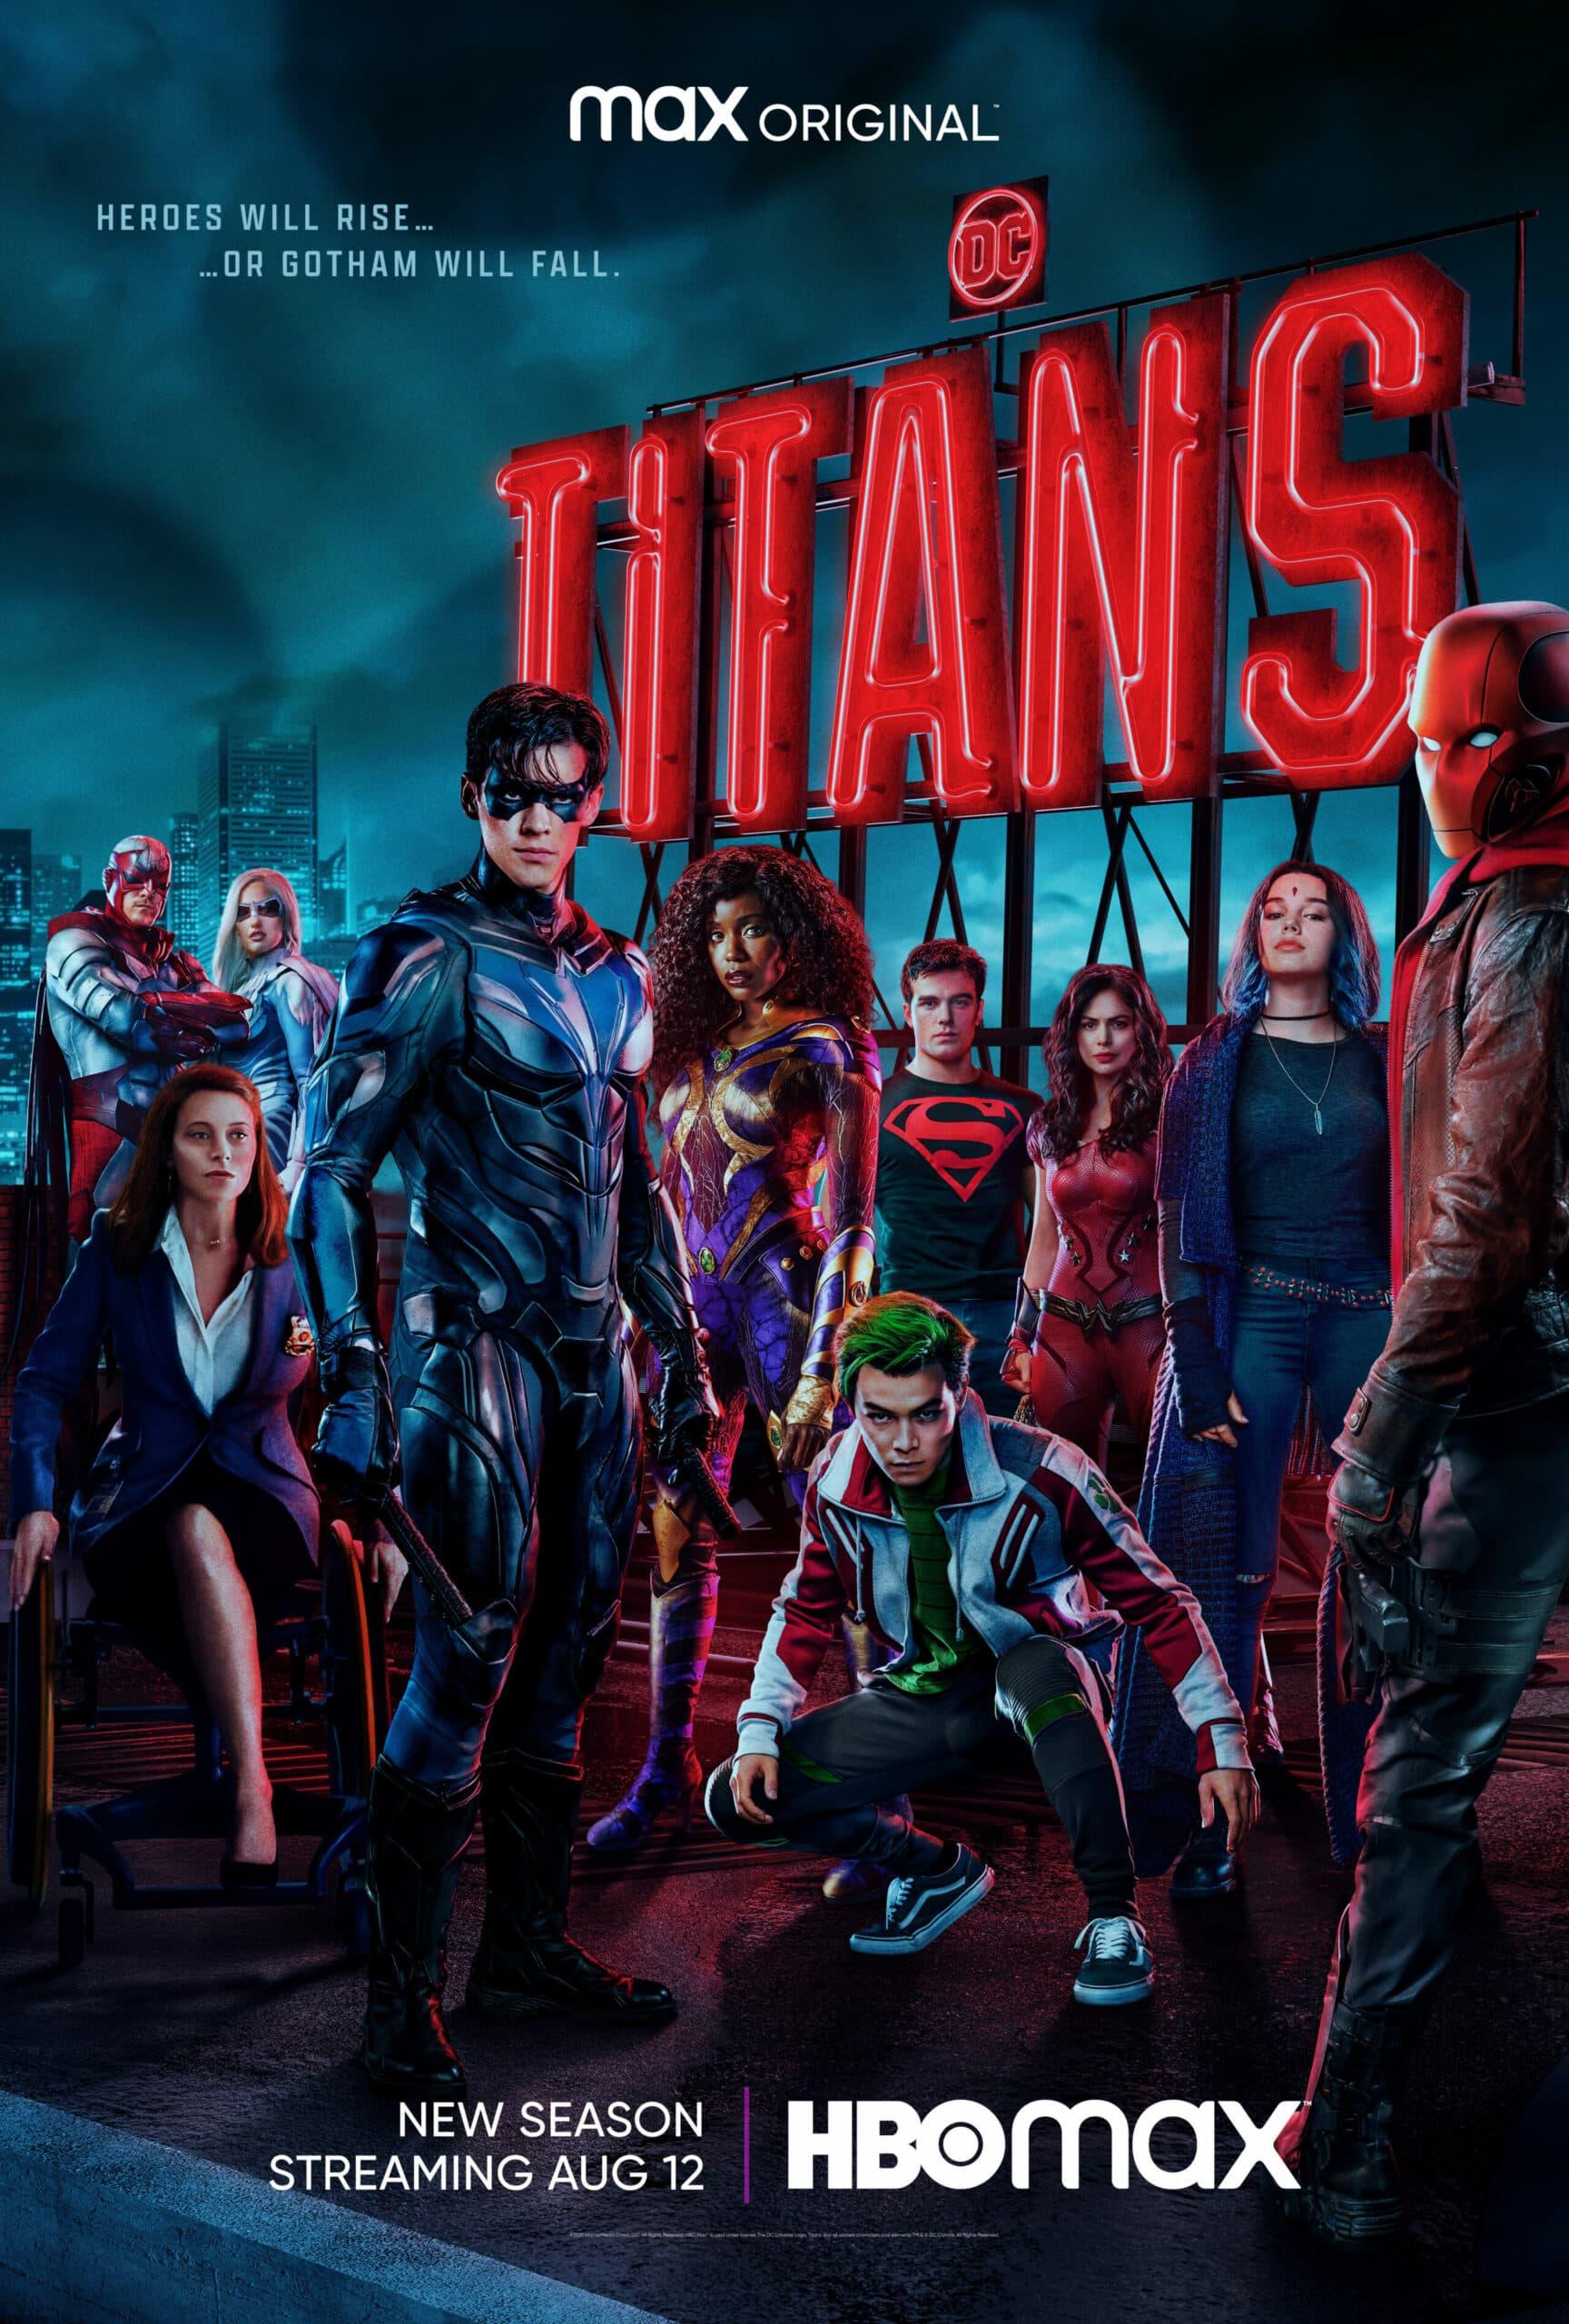 Titans: así es la temporada 3 de la serie en HBO Max ¿Cuándo estrena?